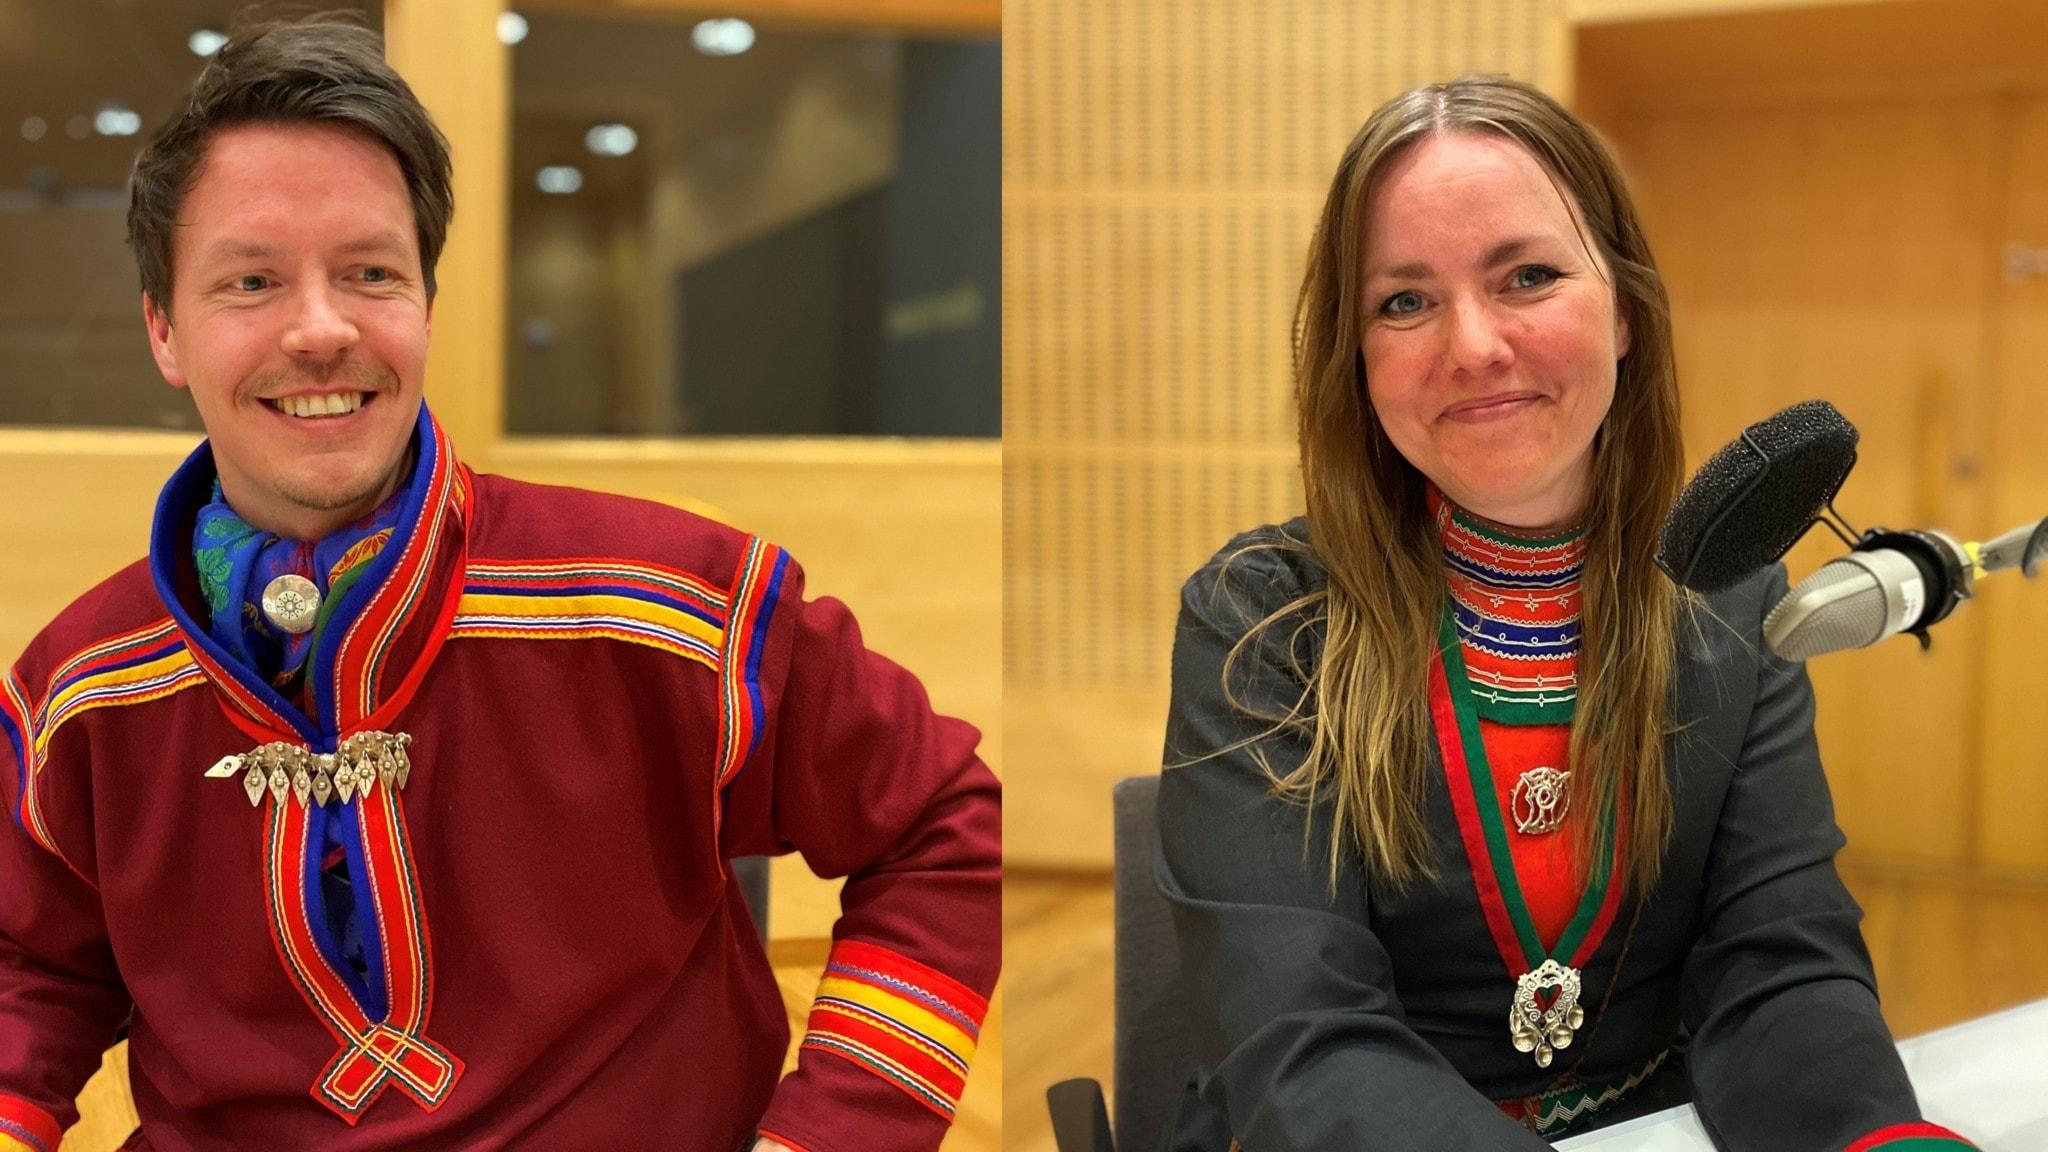 Lars-Miguel Utsi och Marie Persson Njajta